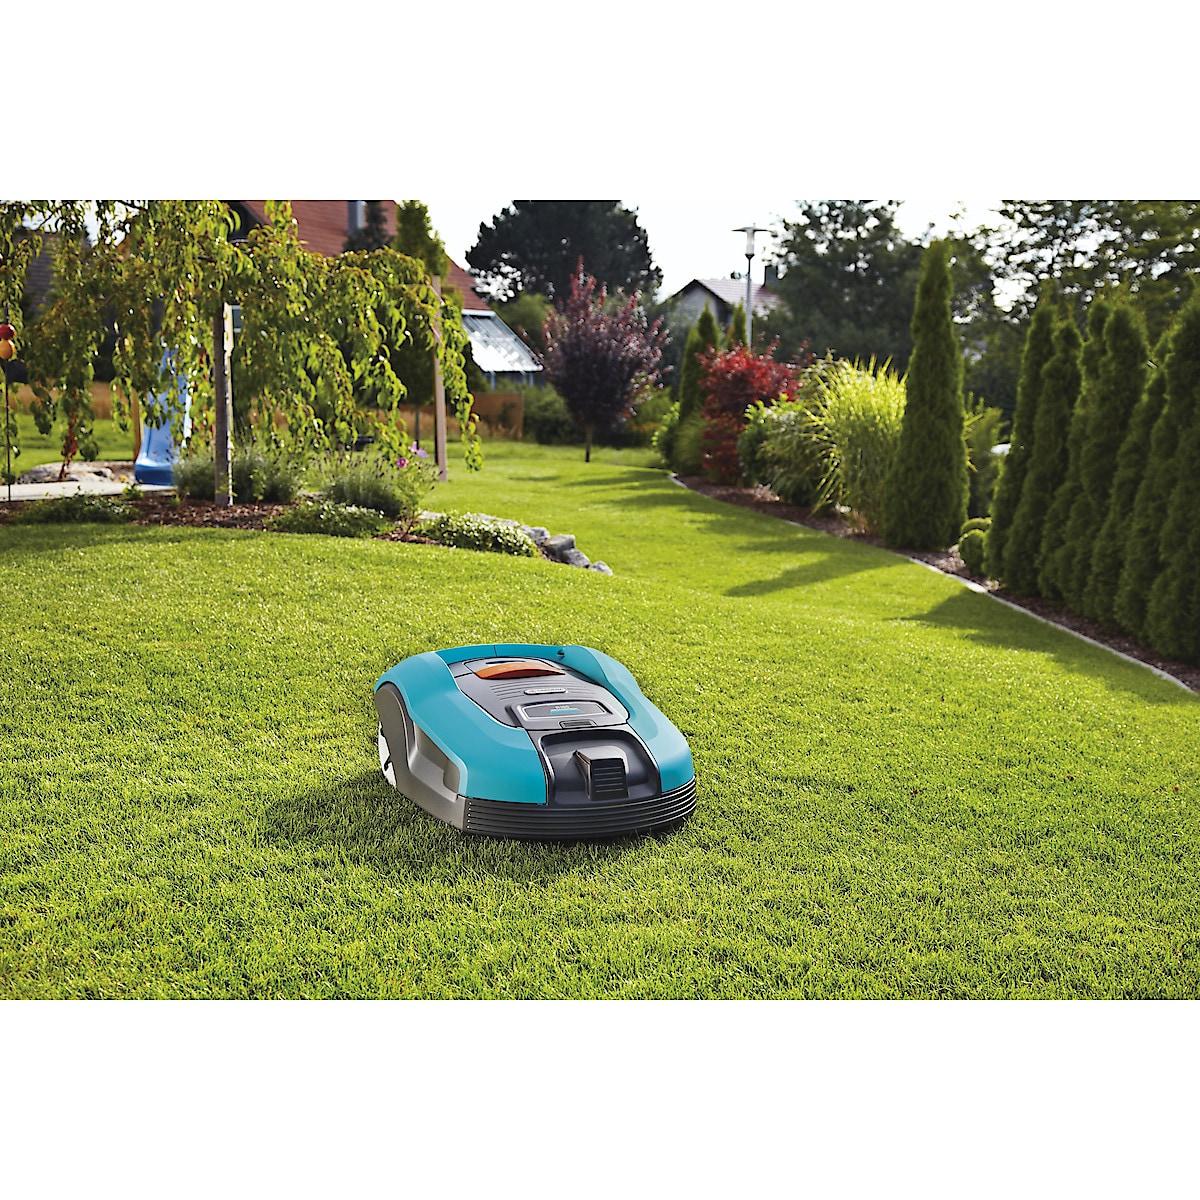 Robotgräsklippare Gardena R160